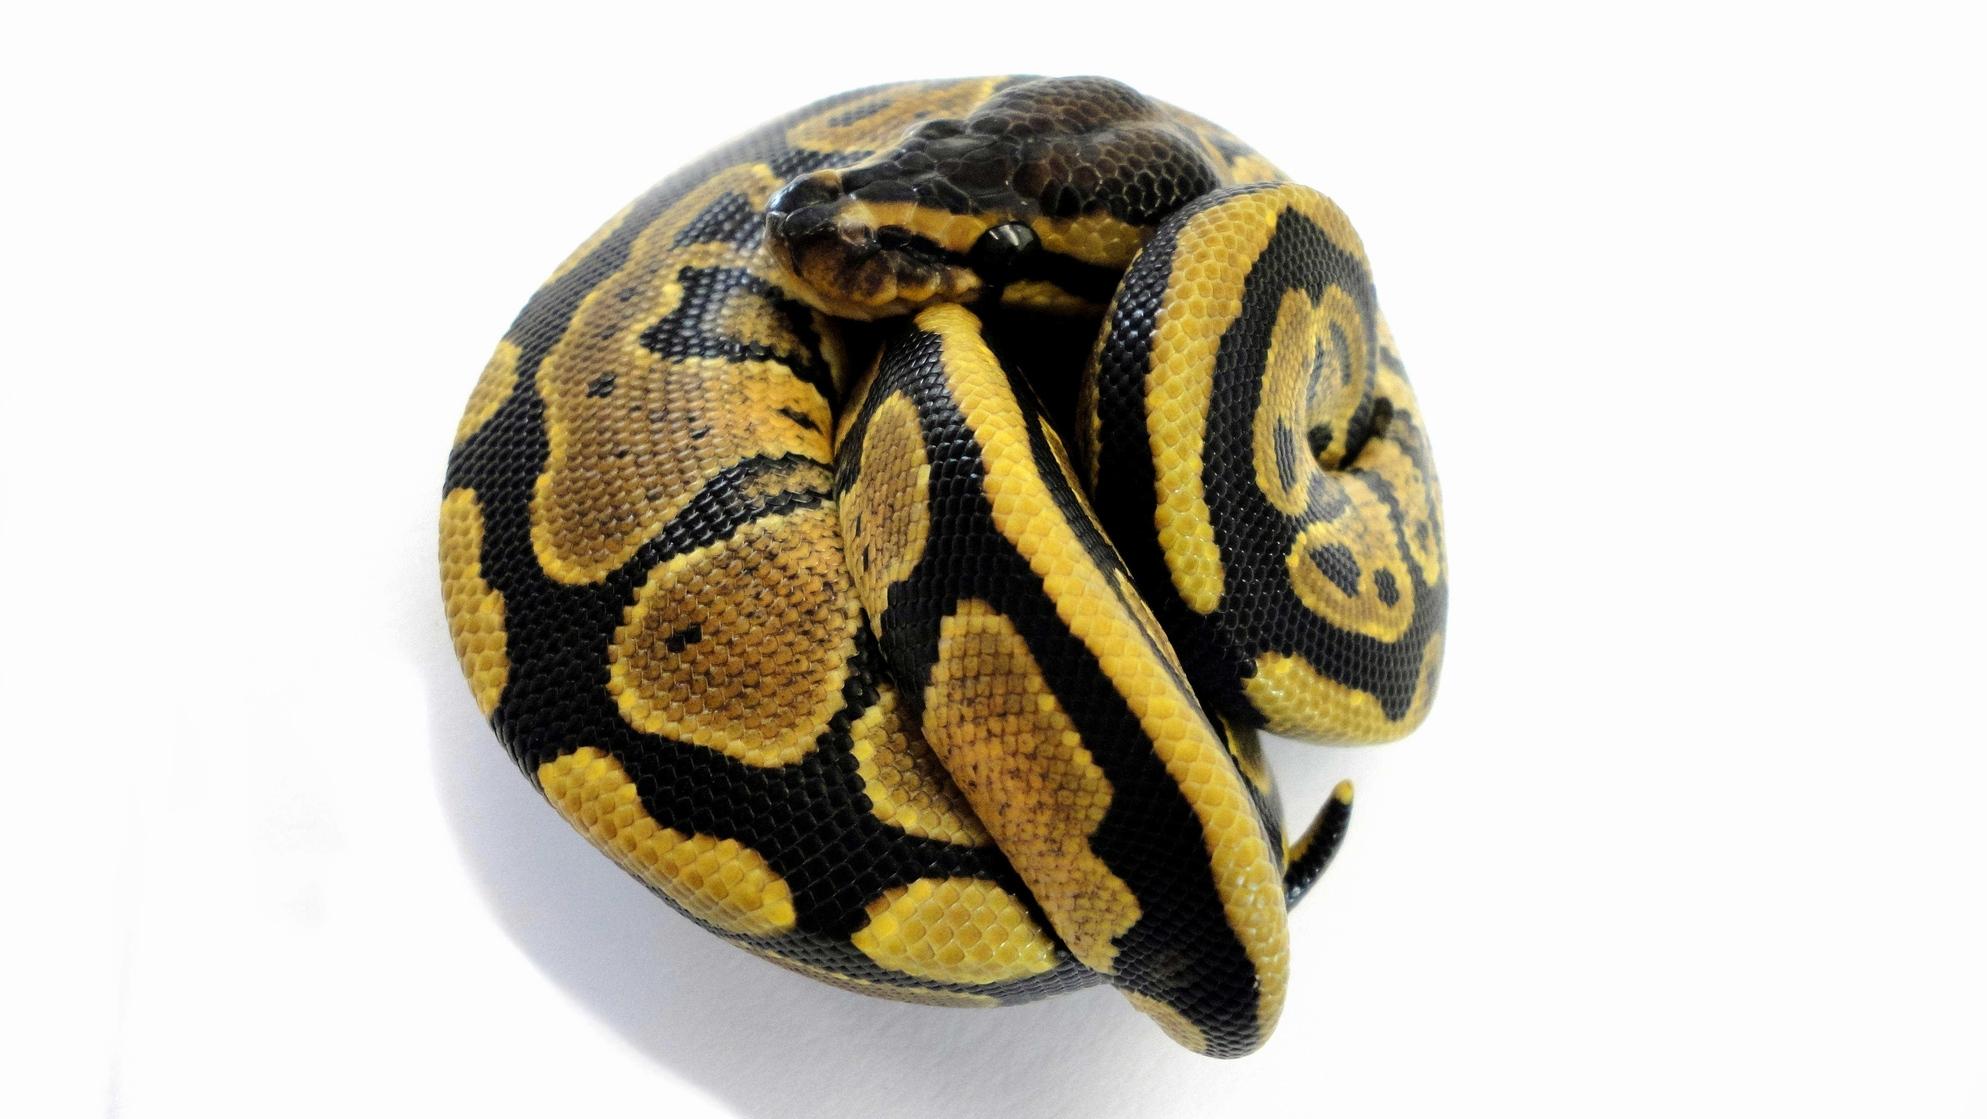 Specter Königspython von Amazing Reptiles